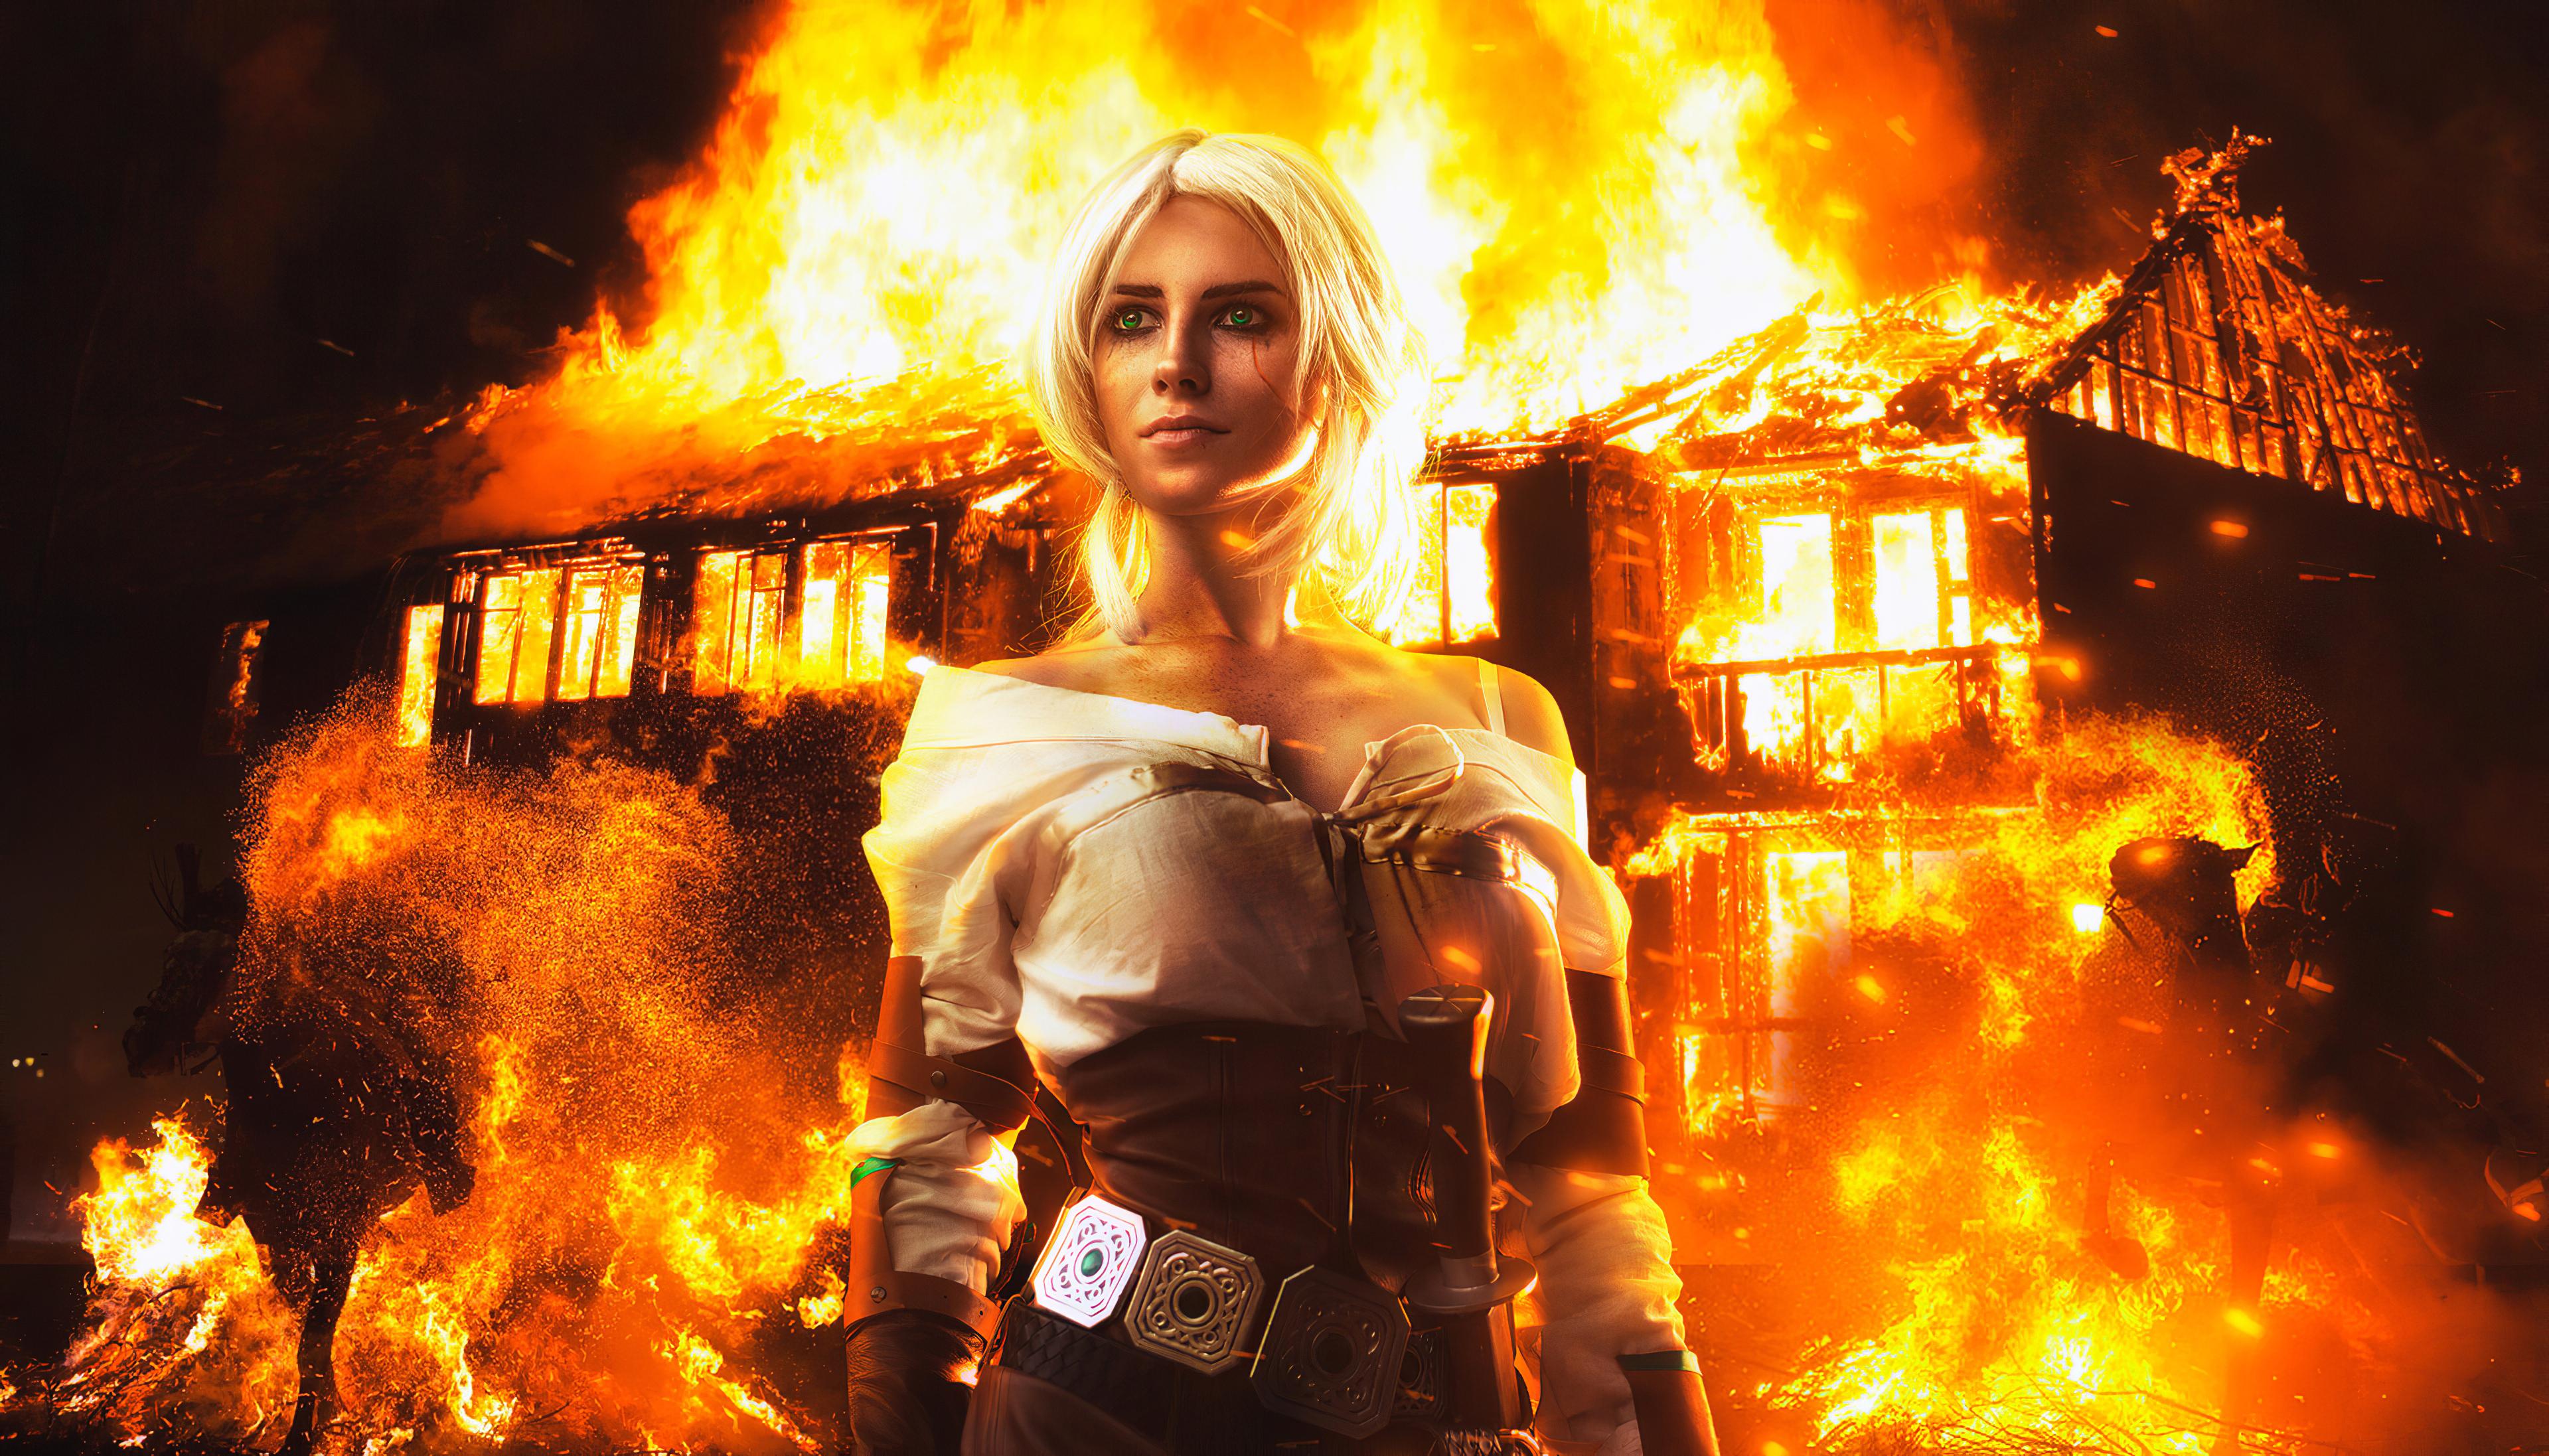 Fondos de pantalla Ciri afuera de casa incendiada